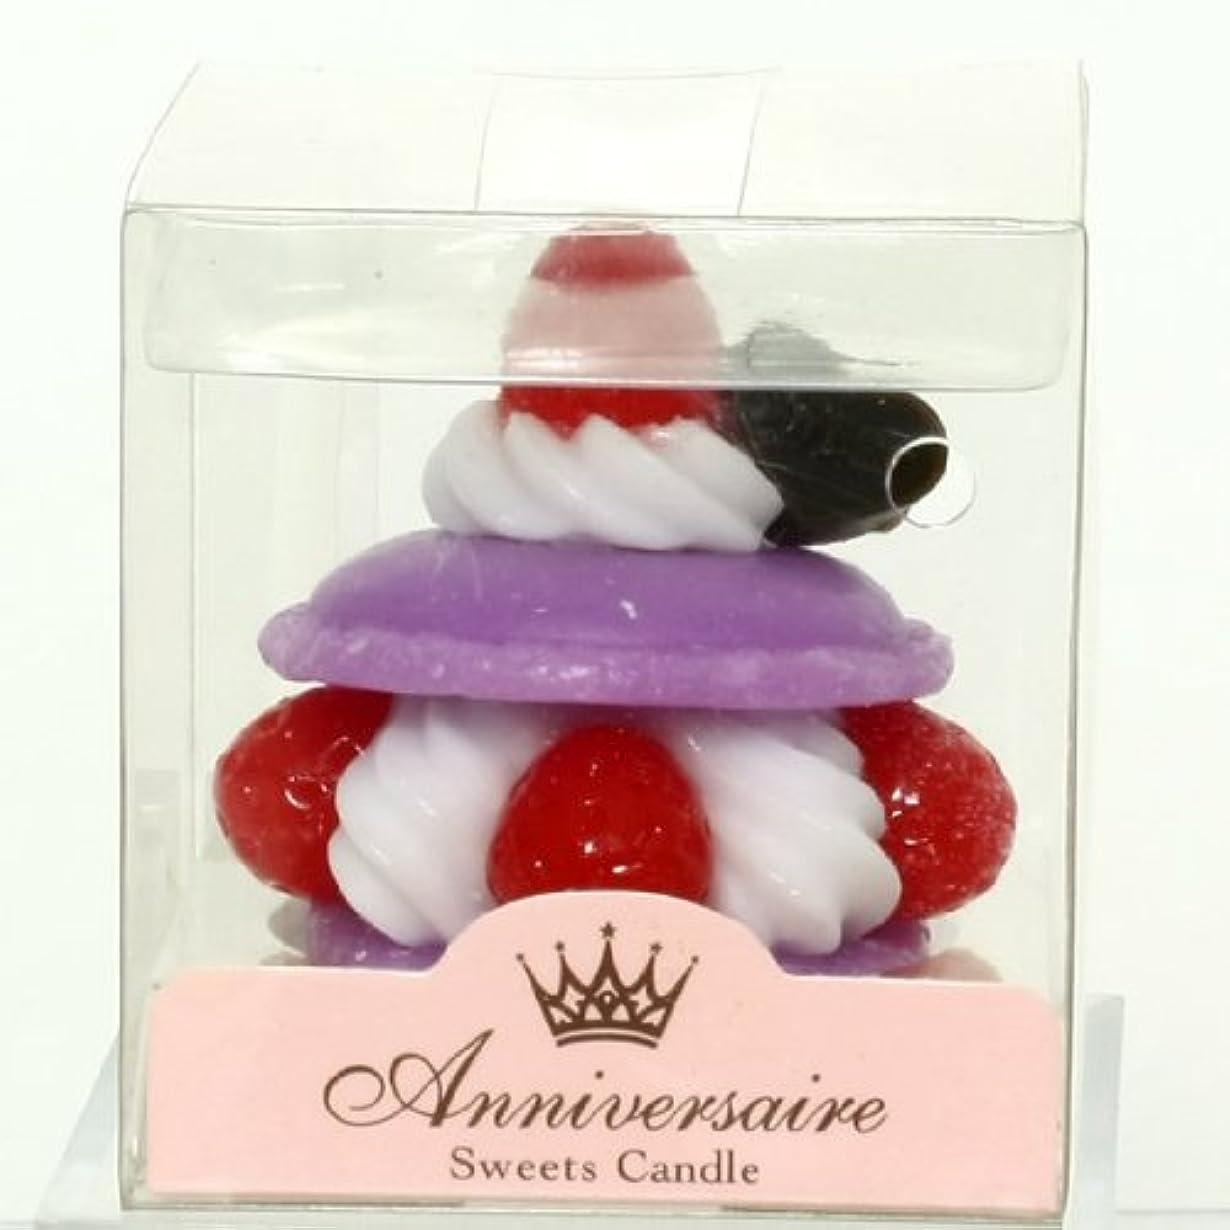 デンマークキャプテンひらめきsweets candle(スイーツキャンドル) マカロンケーキキャンドル【パープル】(ba6580500pu)